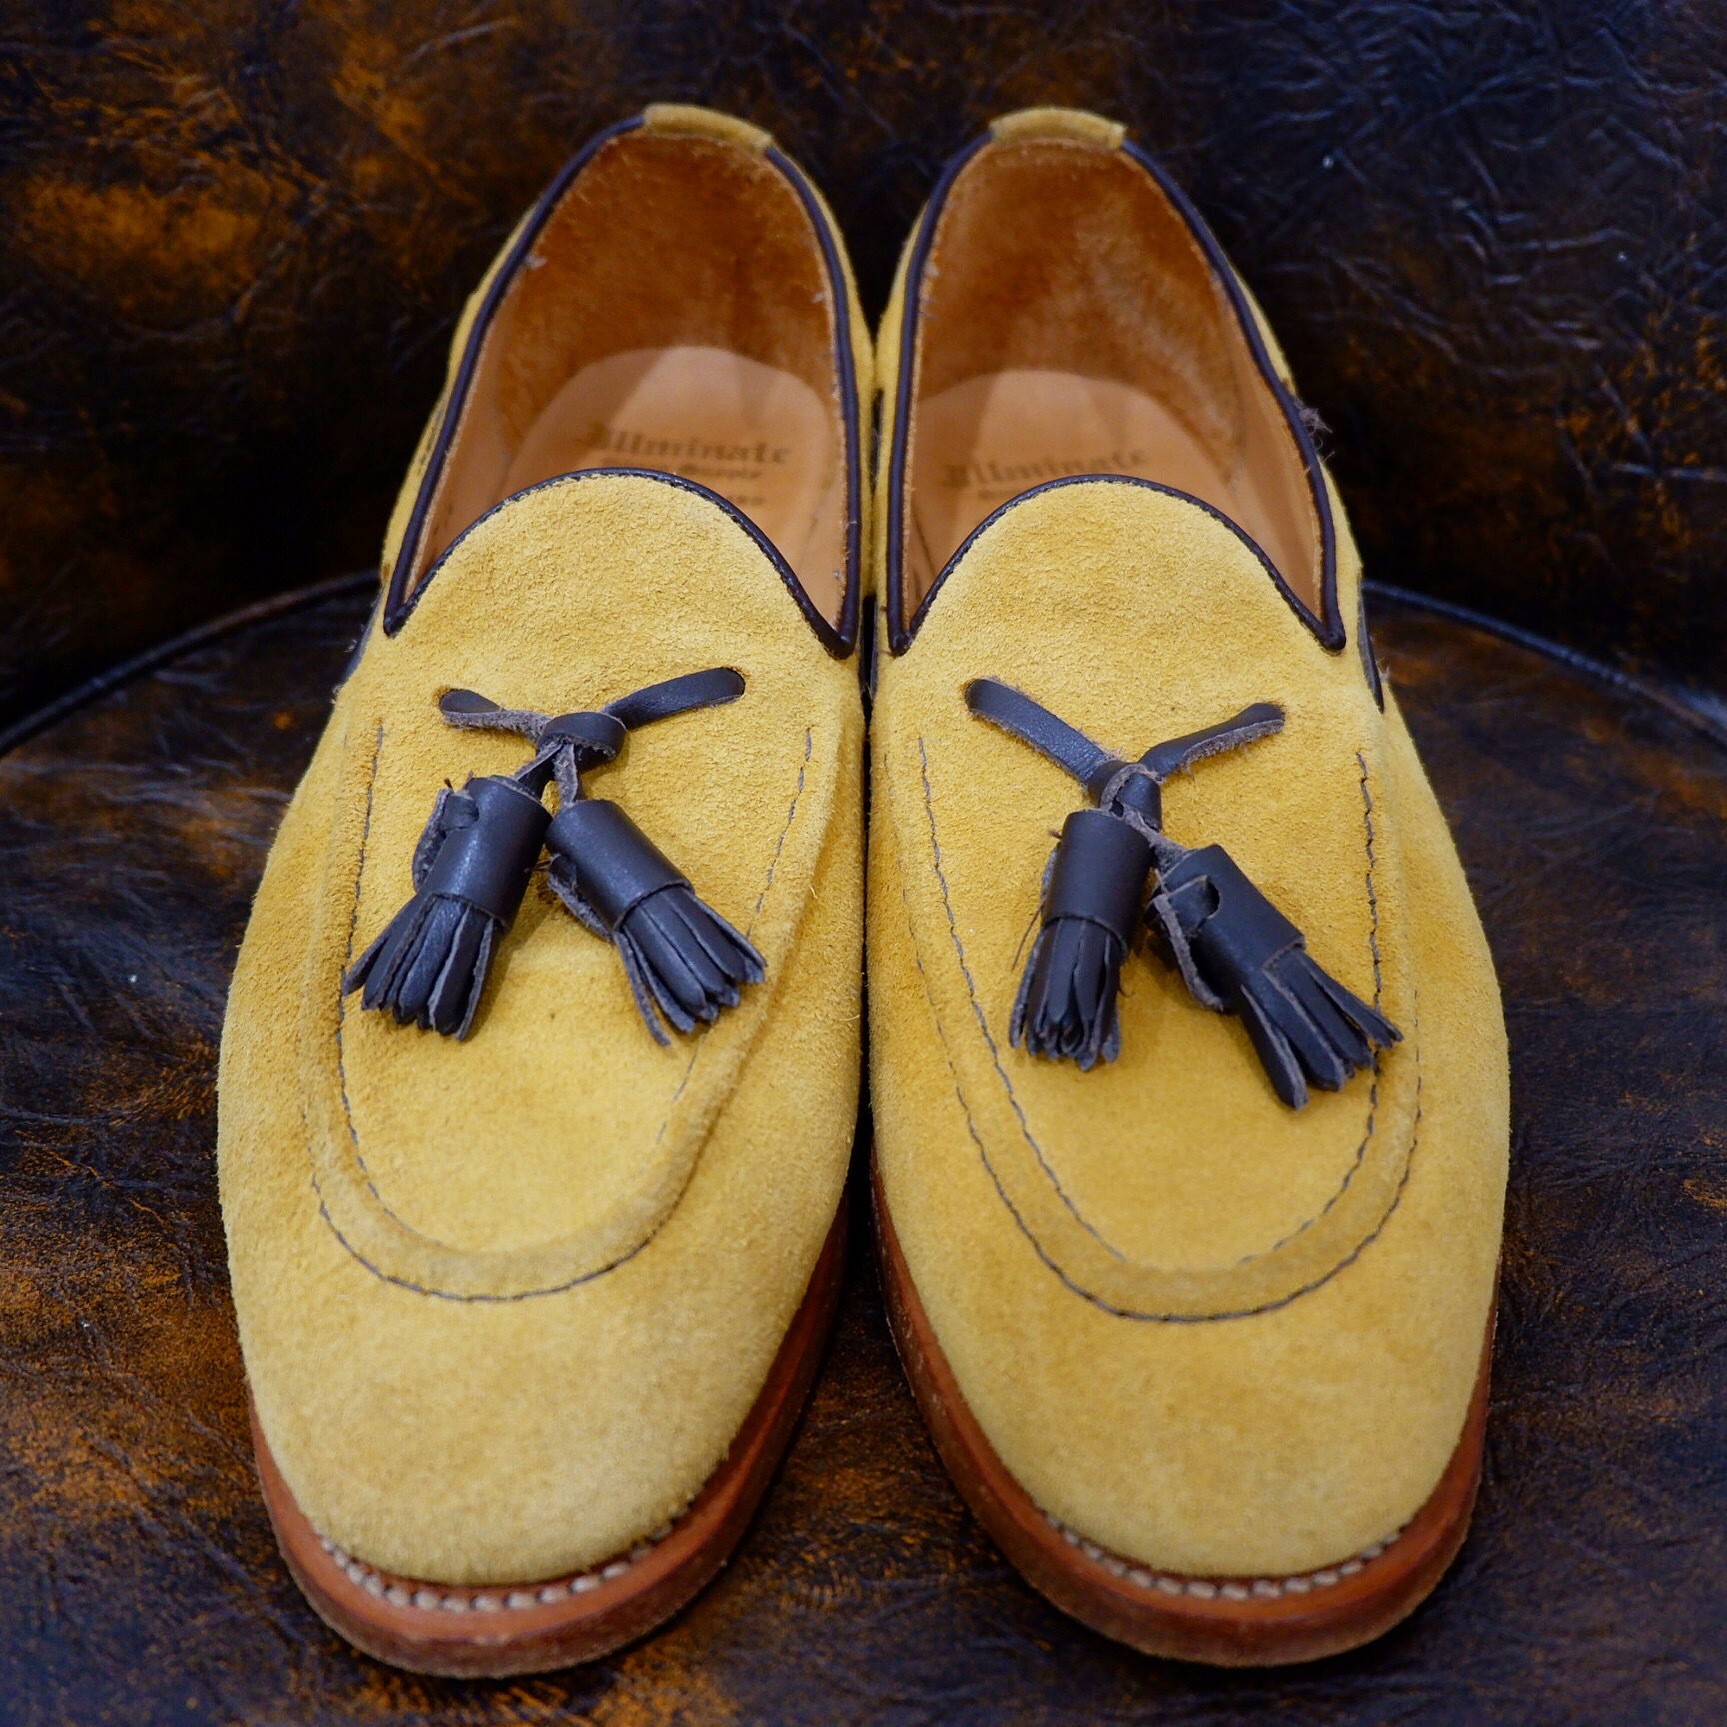 """England製 """"Illminate shoes supply"""" スエードレザー スリッポン"""